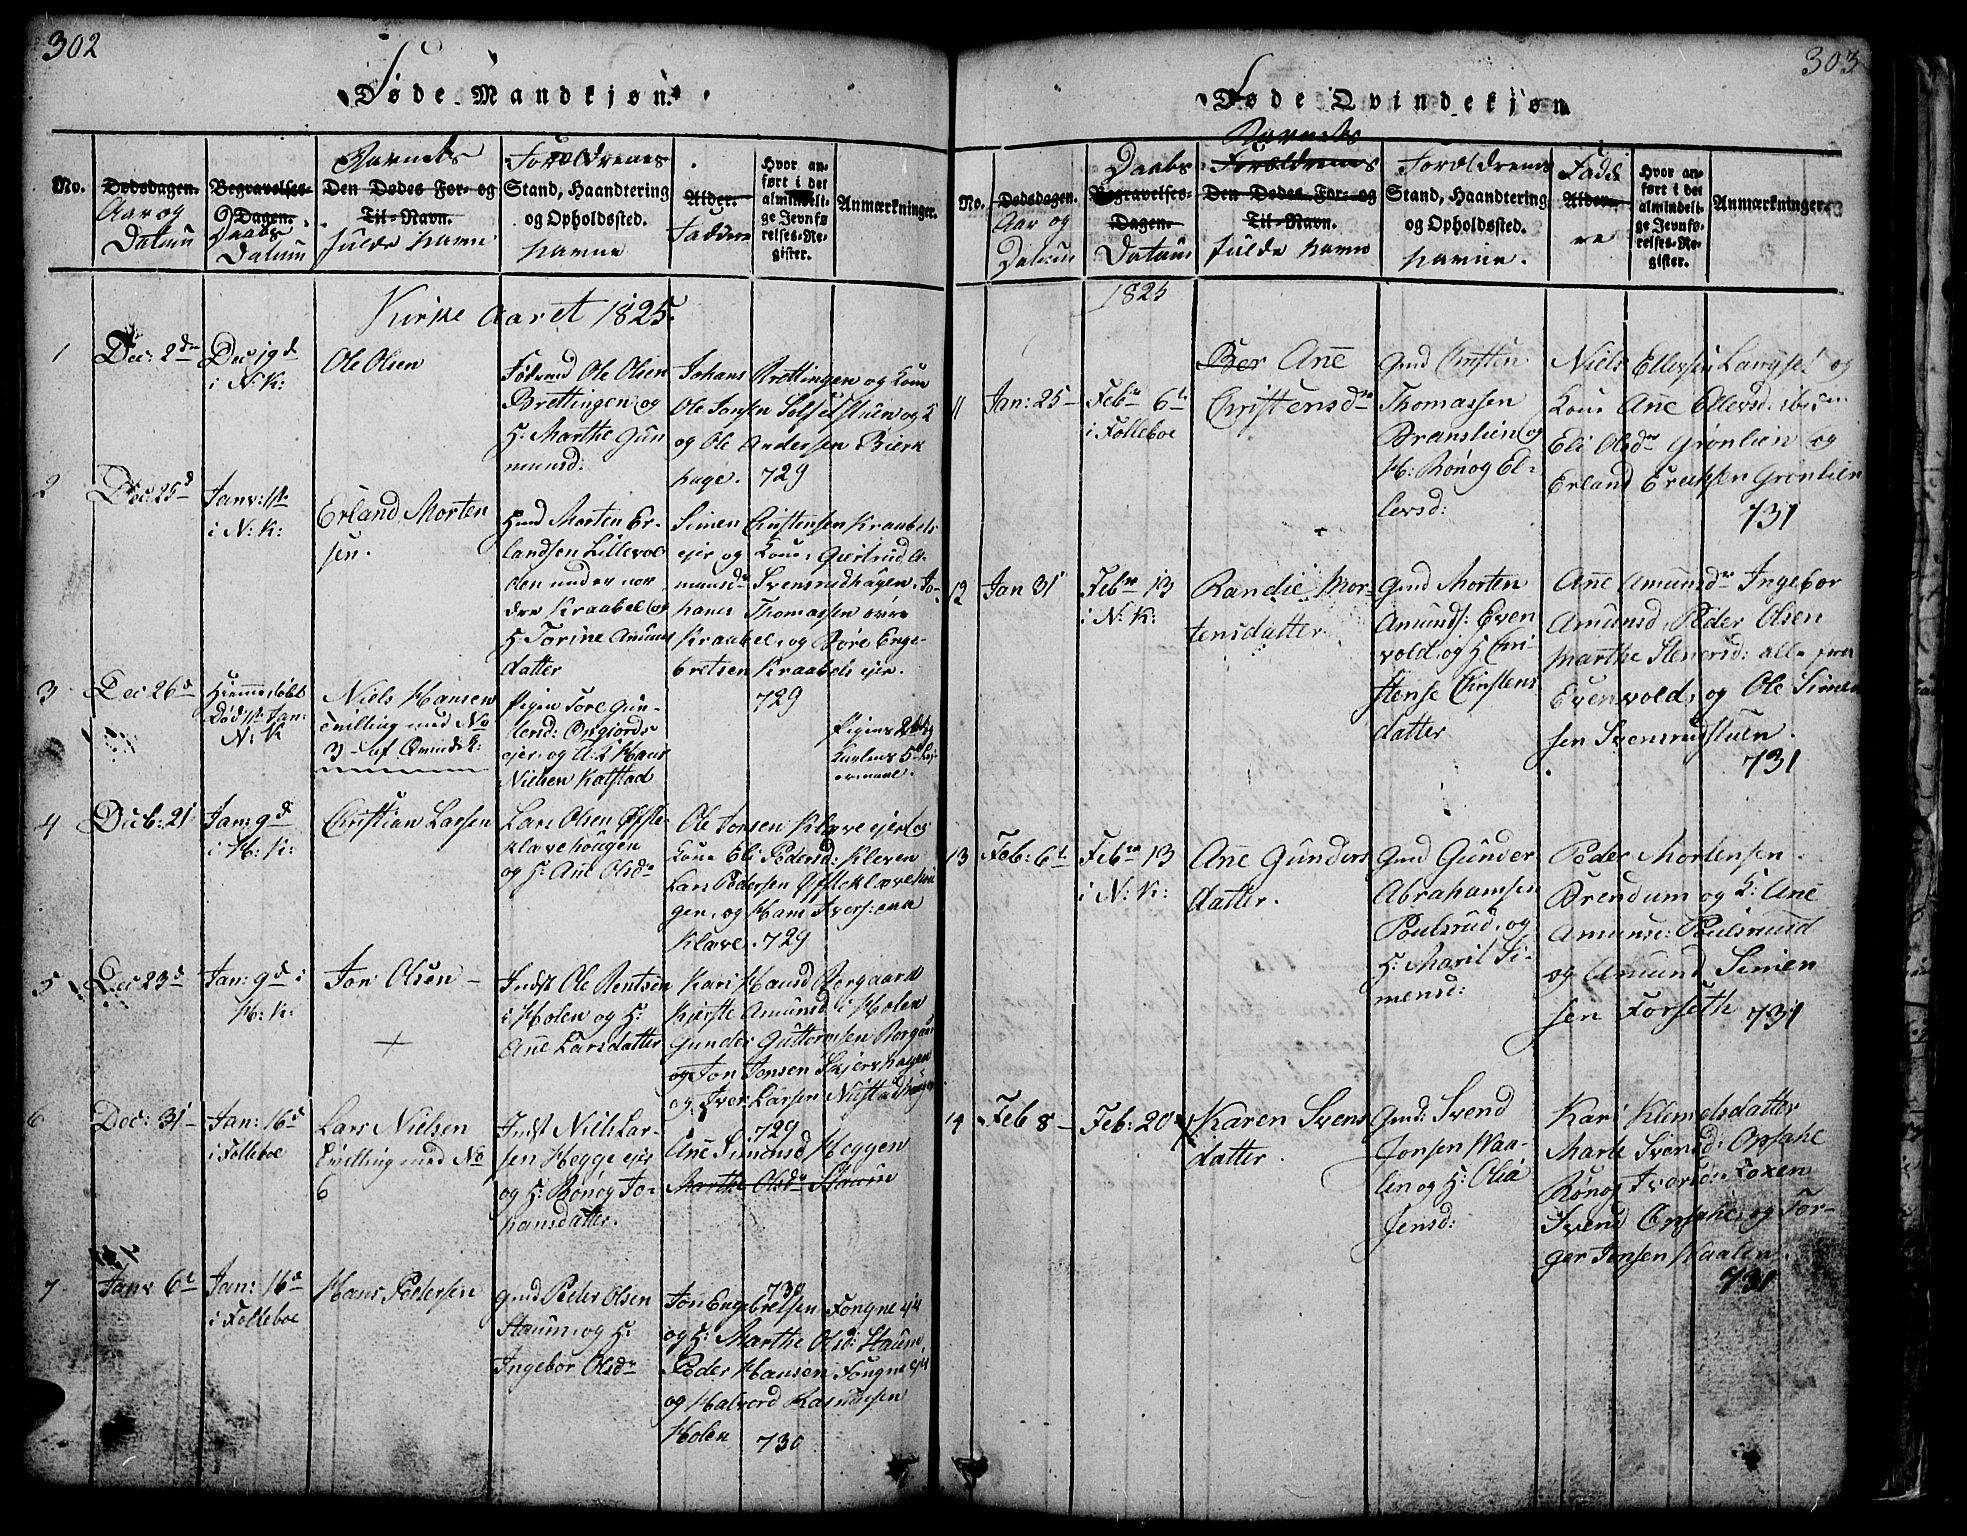 SAH, Gausdal prestekontor, Klokkerbok nr. 1, 1817-1848, s. 302-303